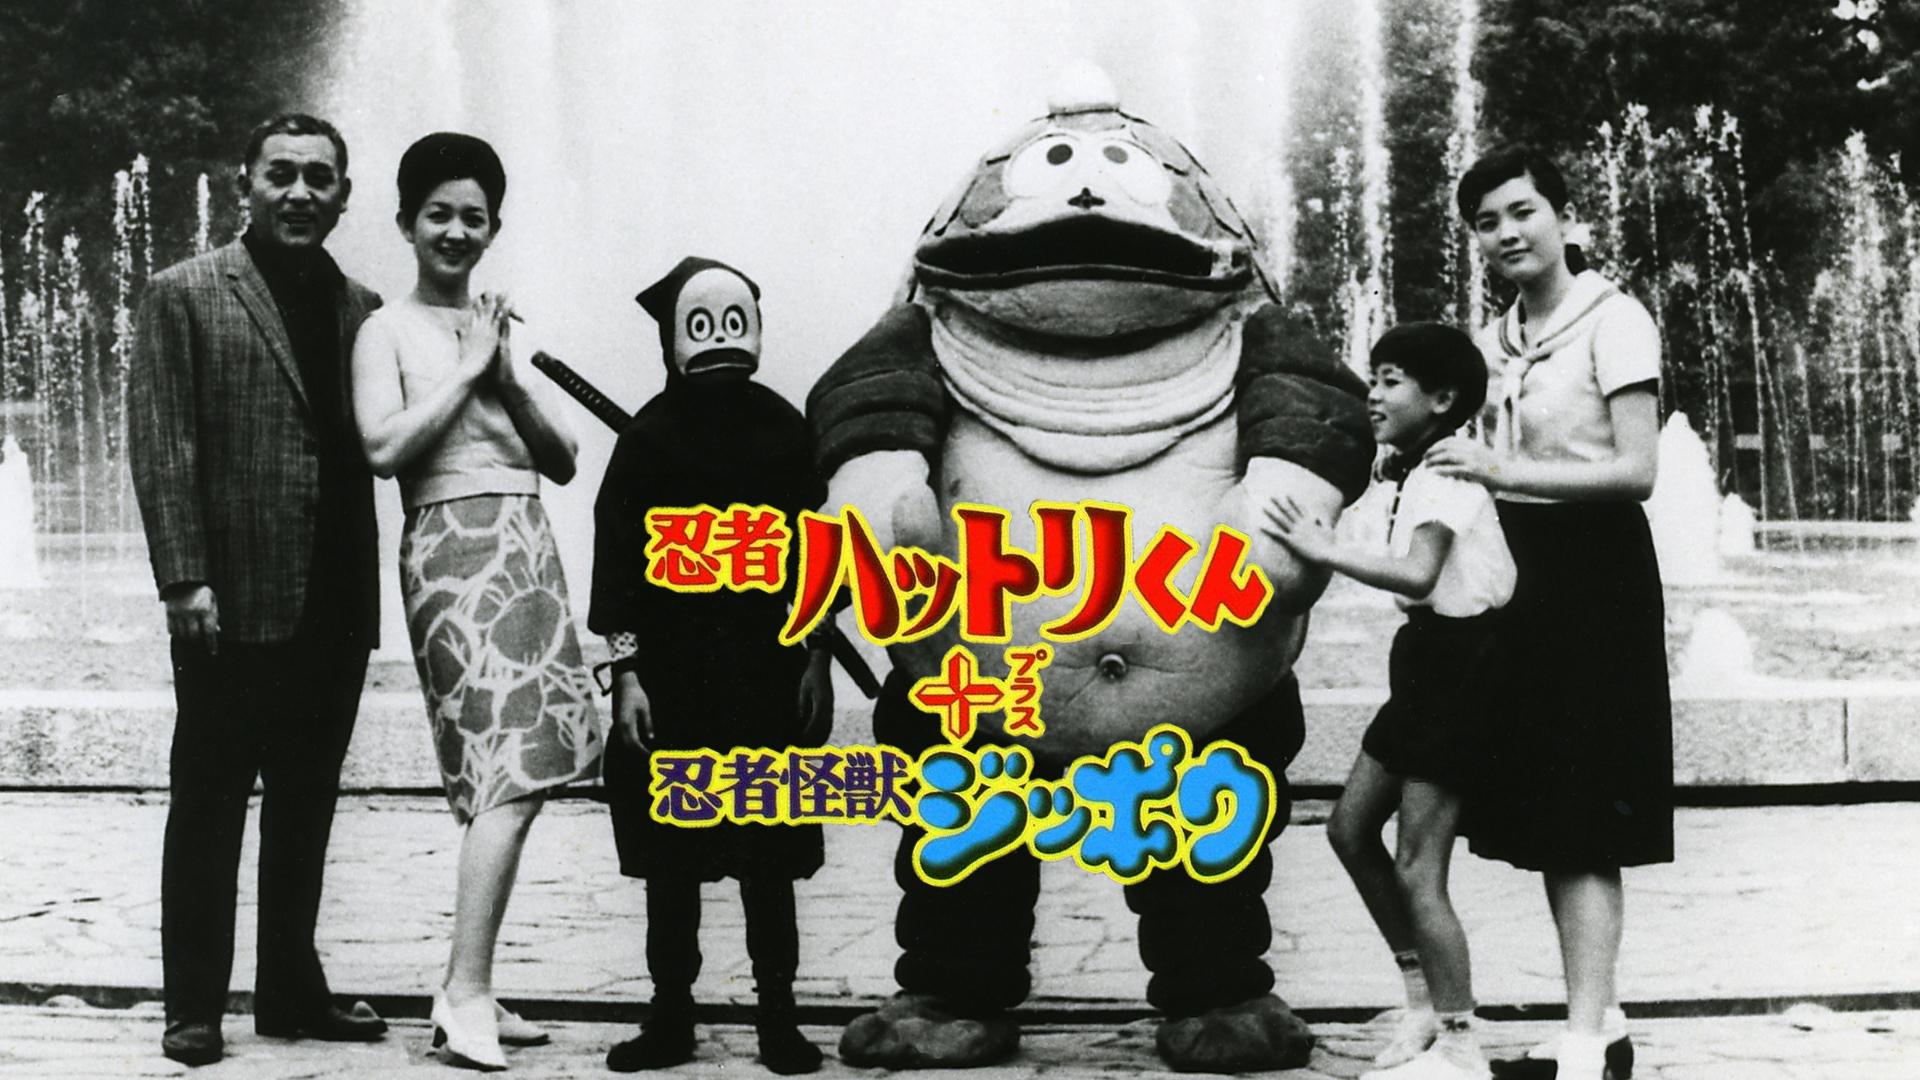 忍者ハットリくん+忍者怪獣ジッポウ